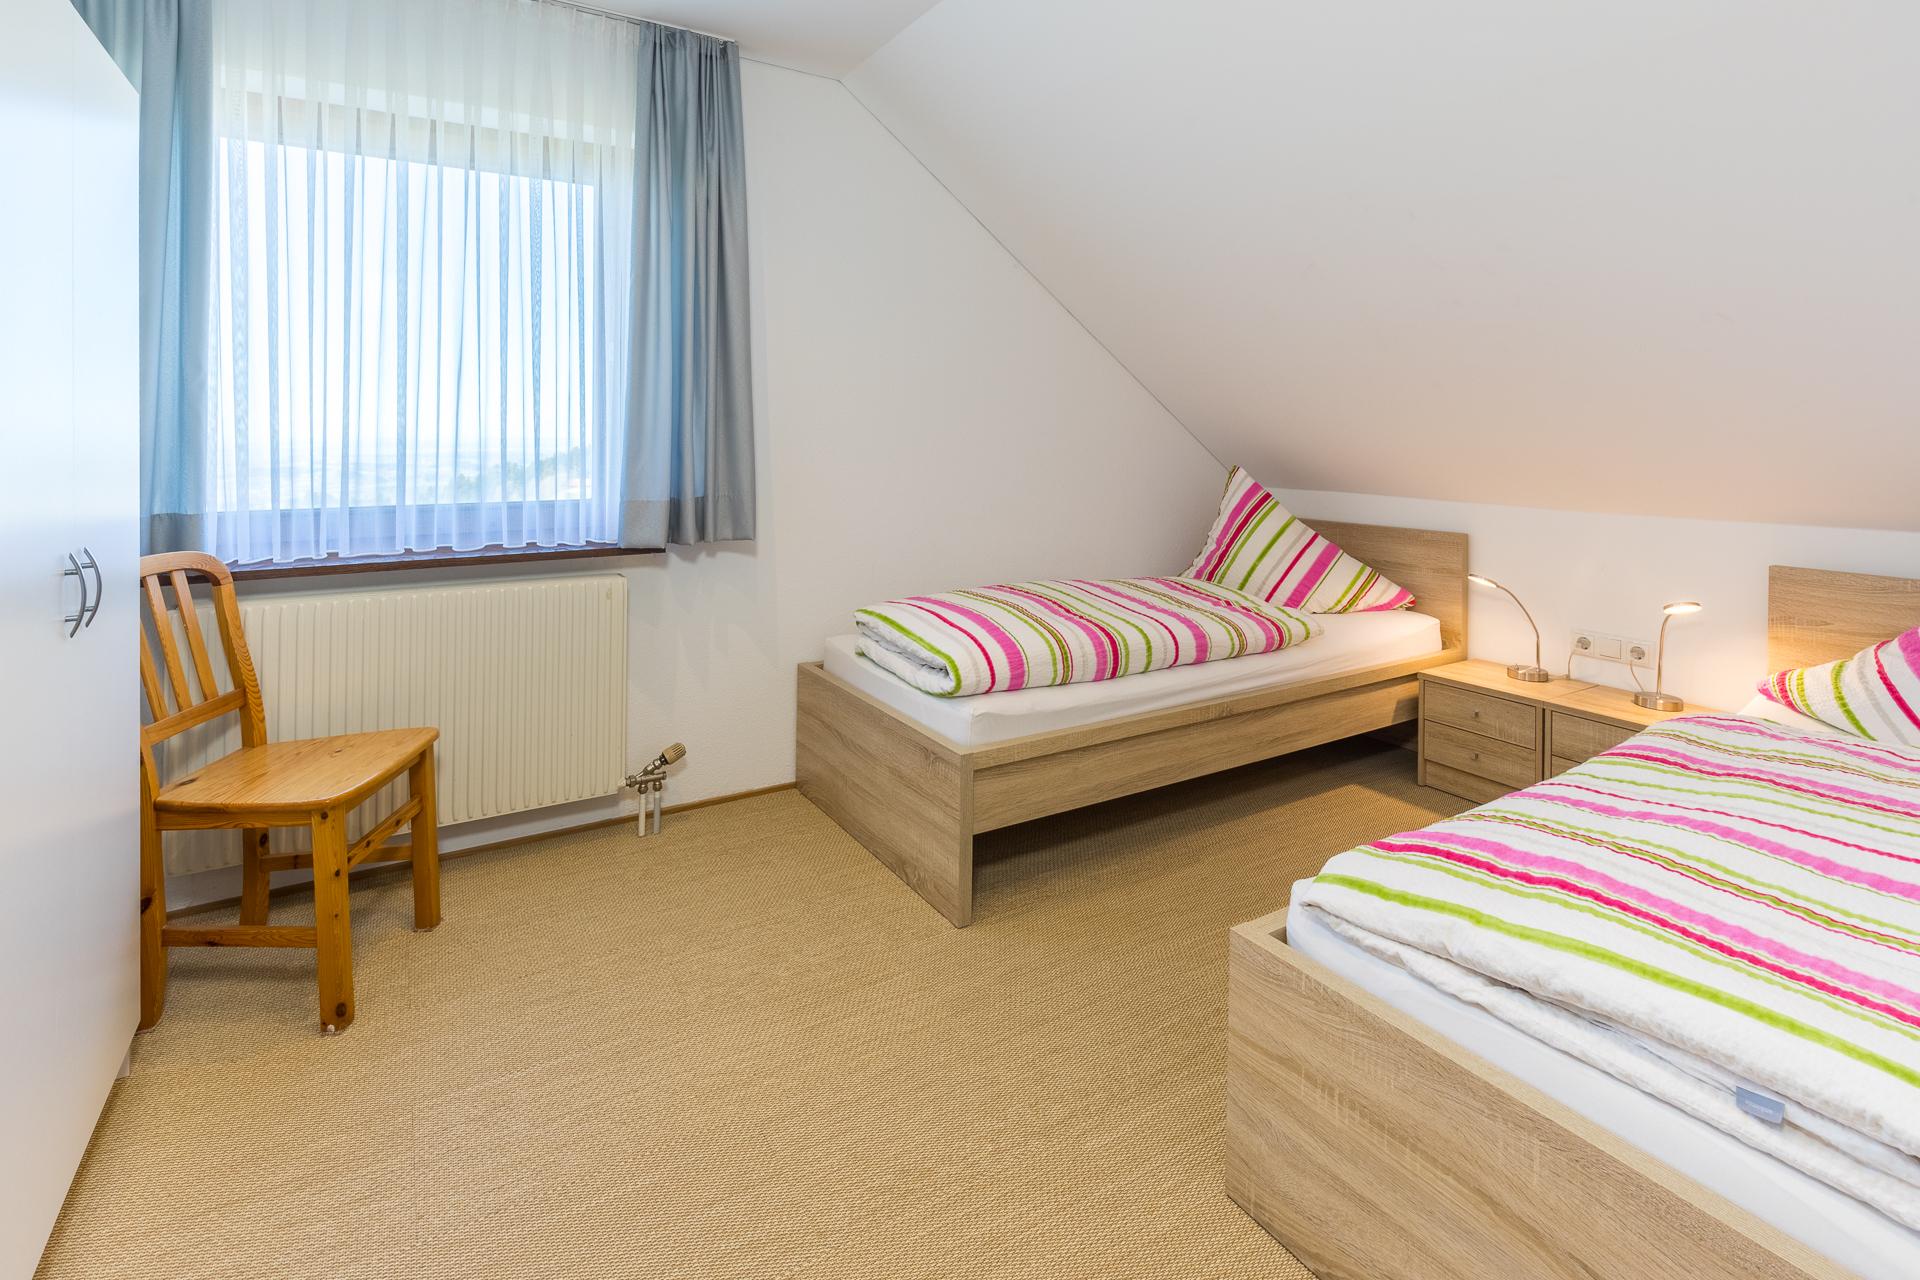 Appartement de vacances Haus Margit (Eichenberg). Große Ferienwohnung (2401564), Eichenberg (AT), Bregenz, Vorarlberg, Autriche, image 16